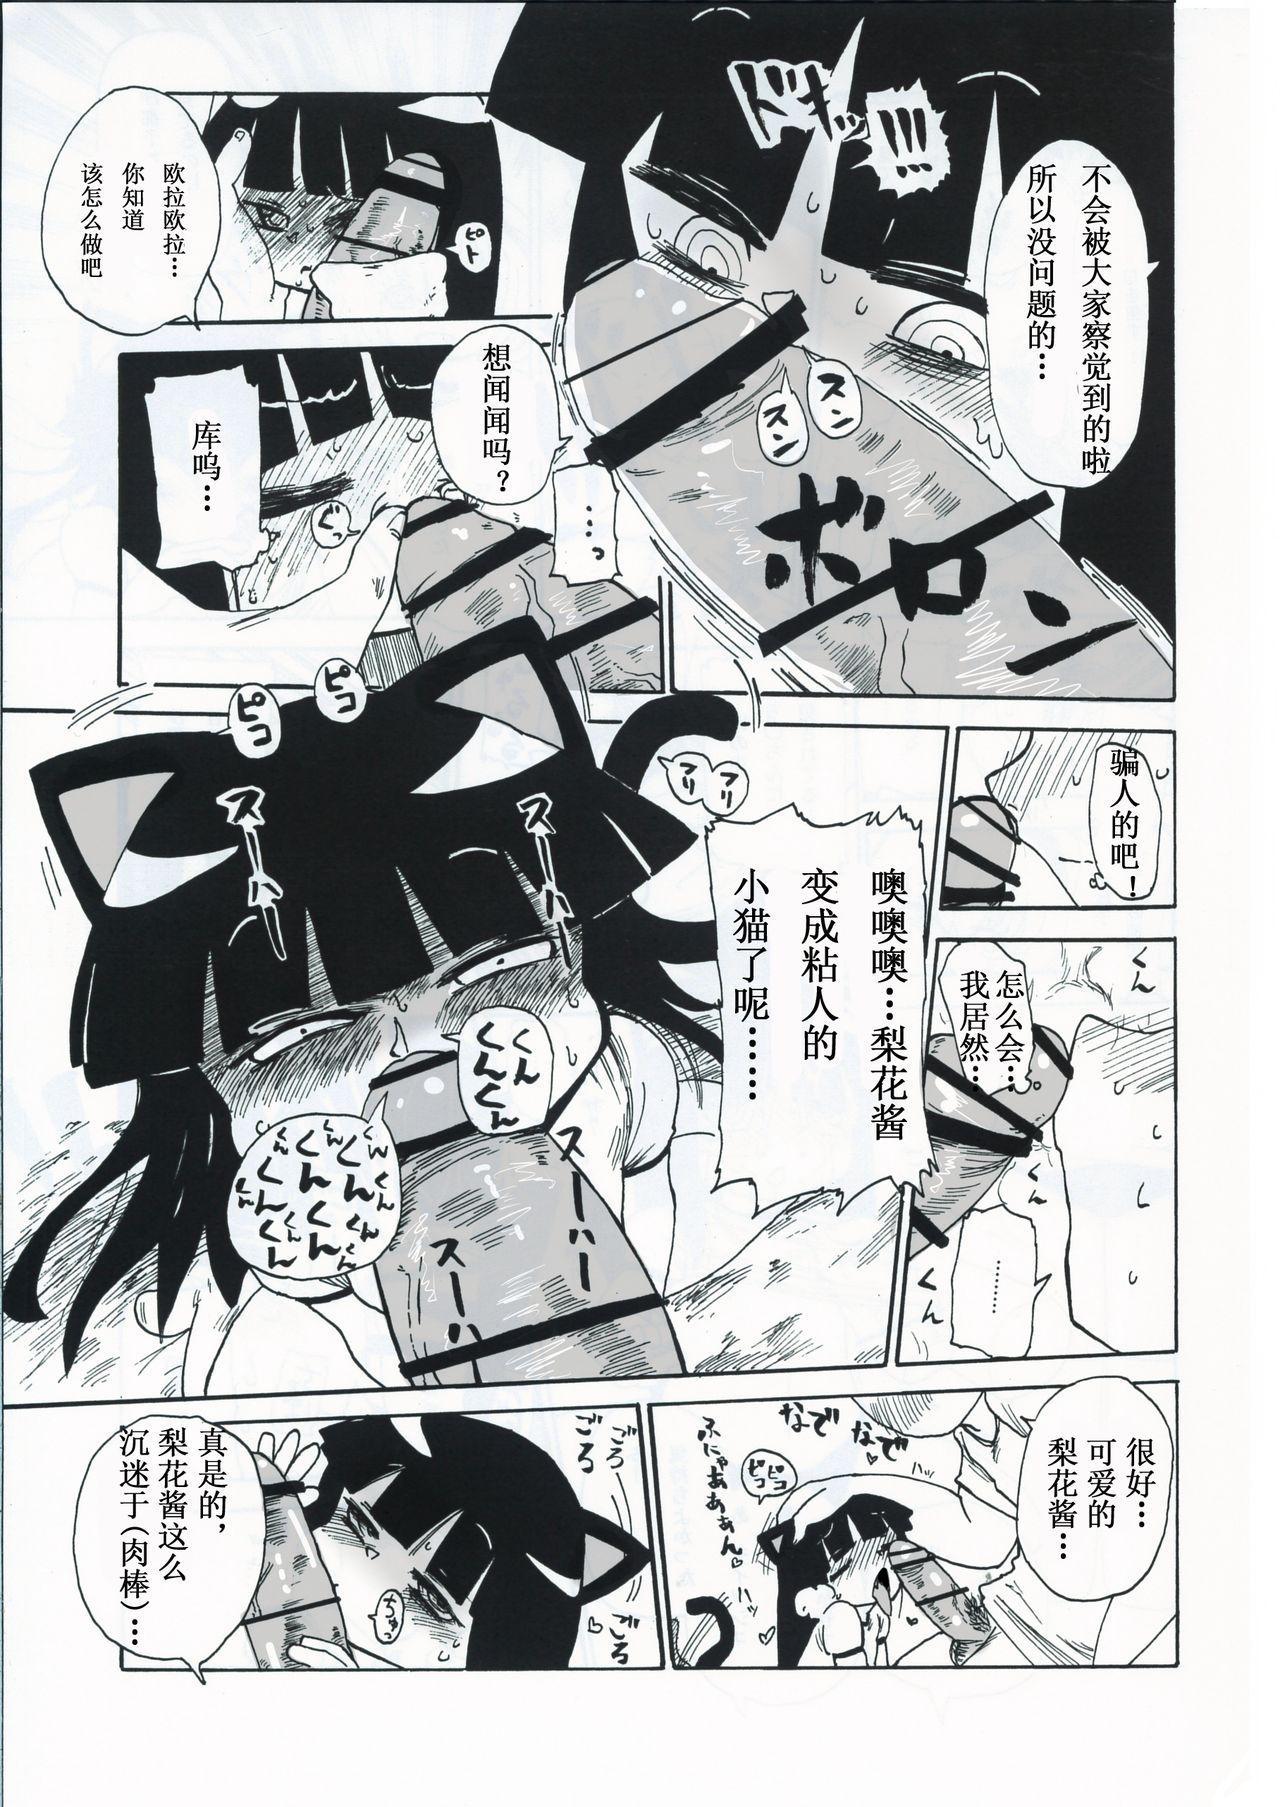 Kiki Kaikai! | 奇奇怪怪 12